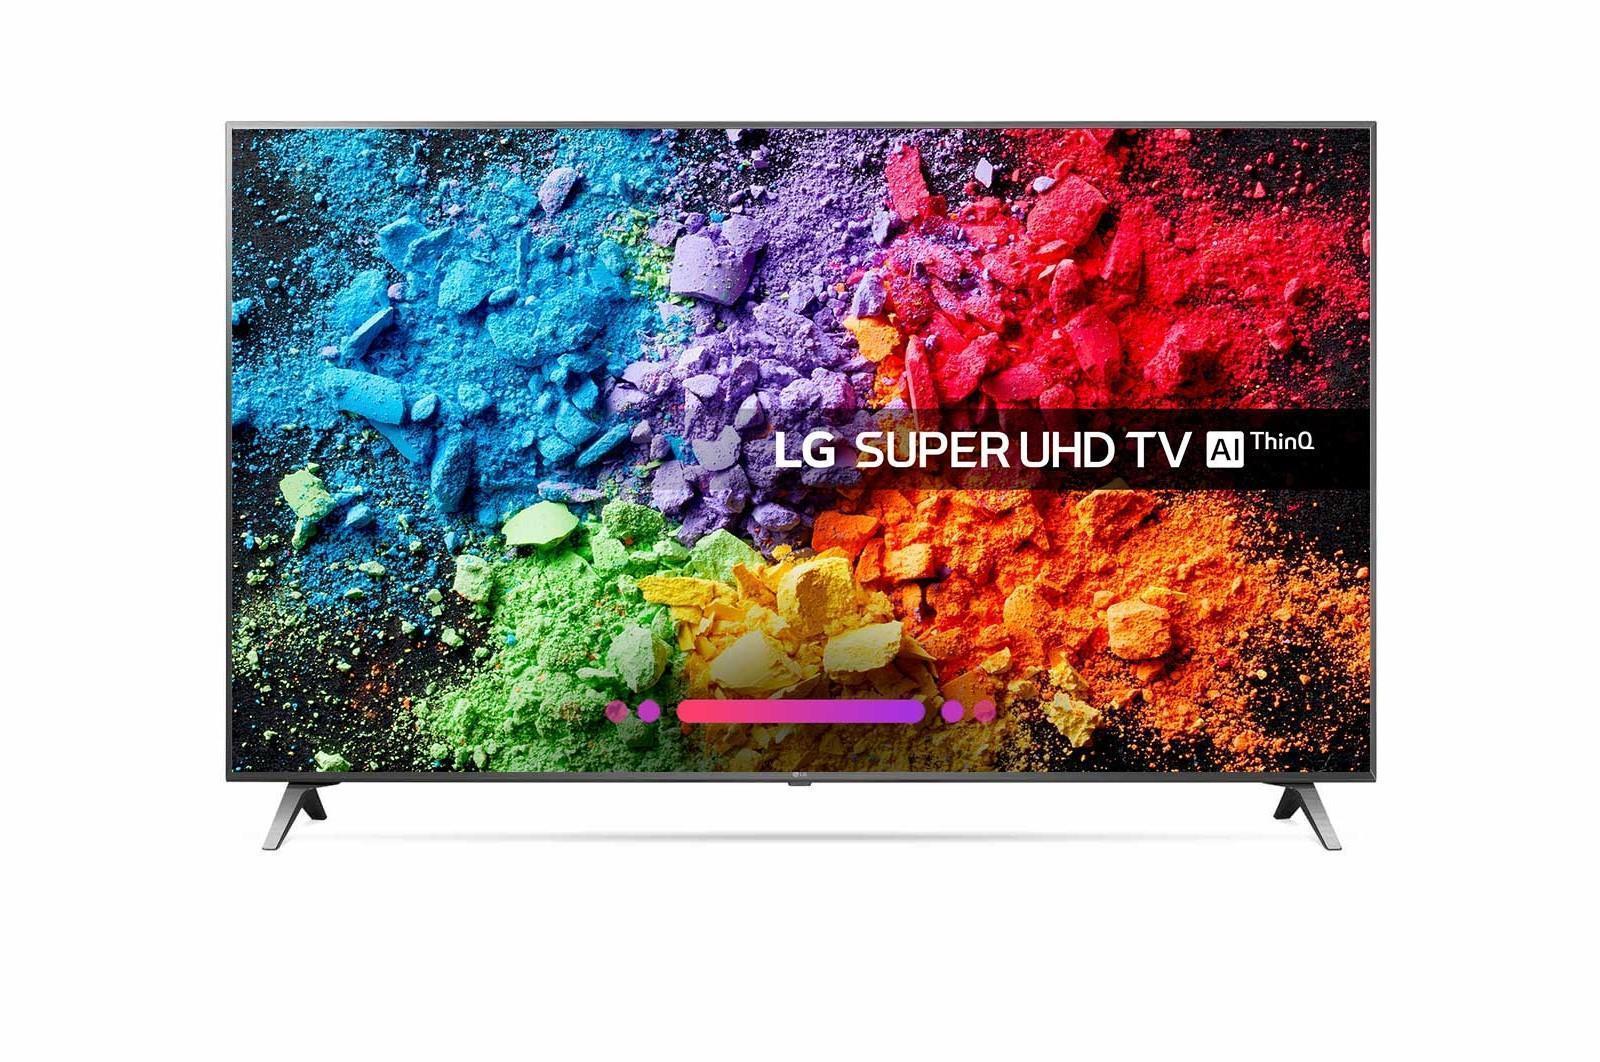 LG 55SK8000PLB 55 Inch Super UHD TV £519 @ Box